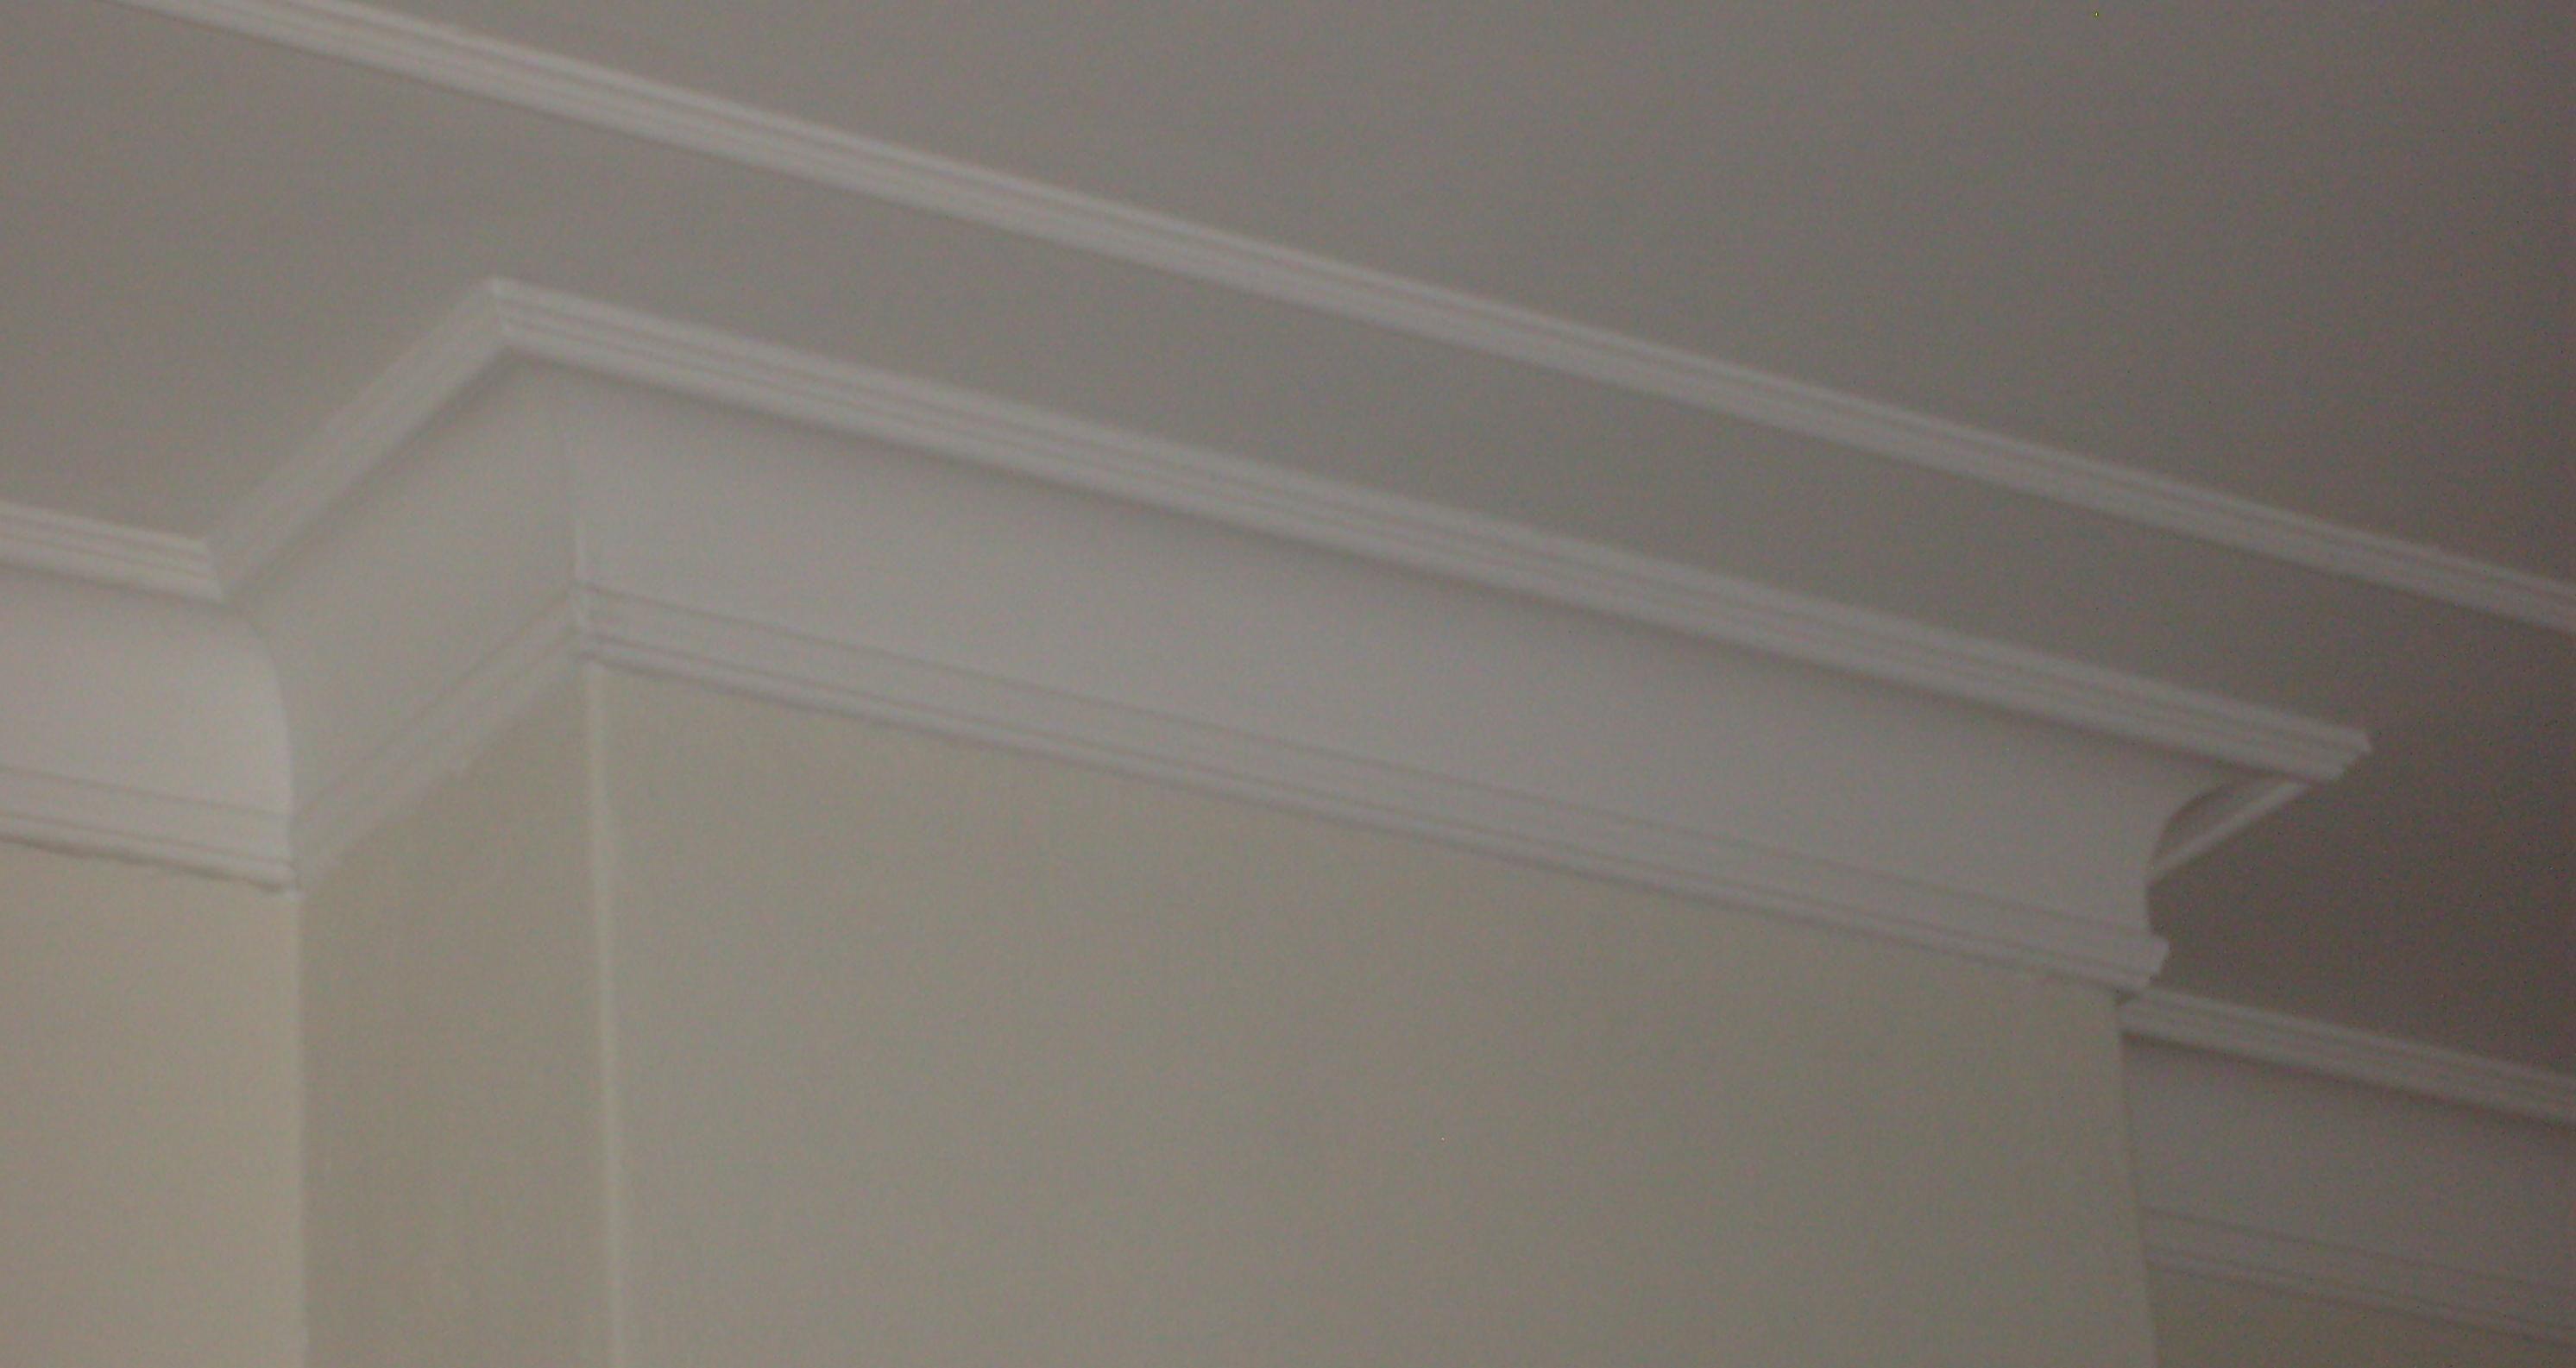 Ideeen Hoge Muur : Plafond idee hoge lijst aan de muur door laten lopen over het